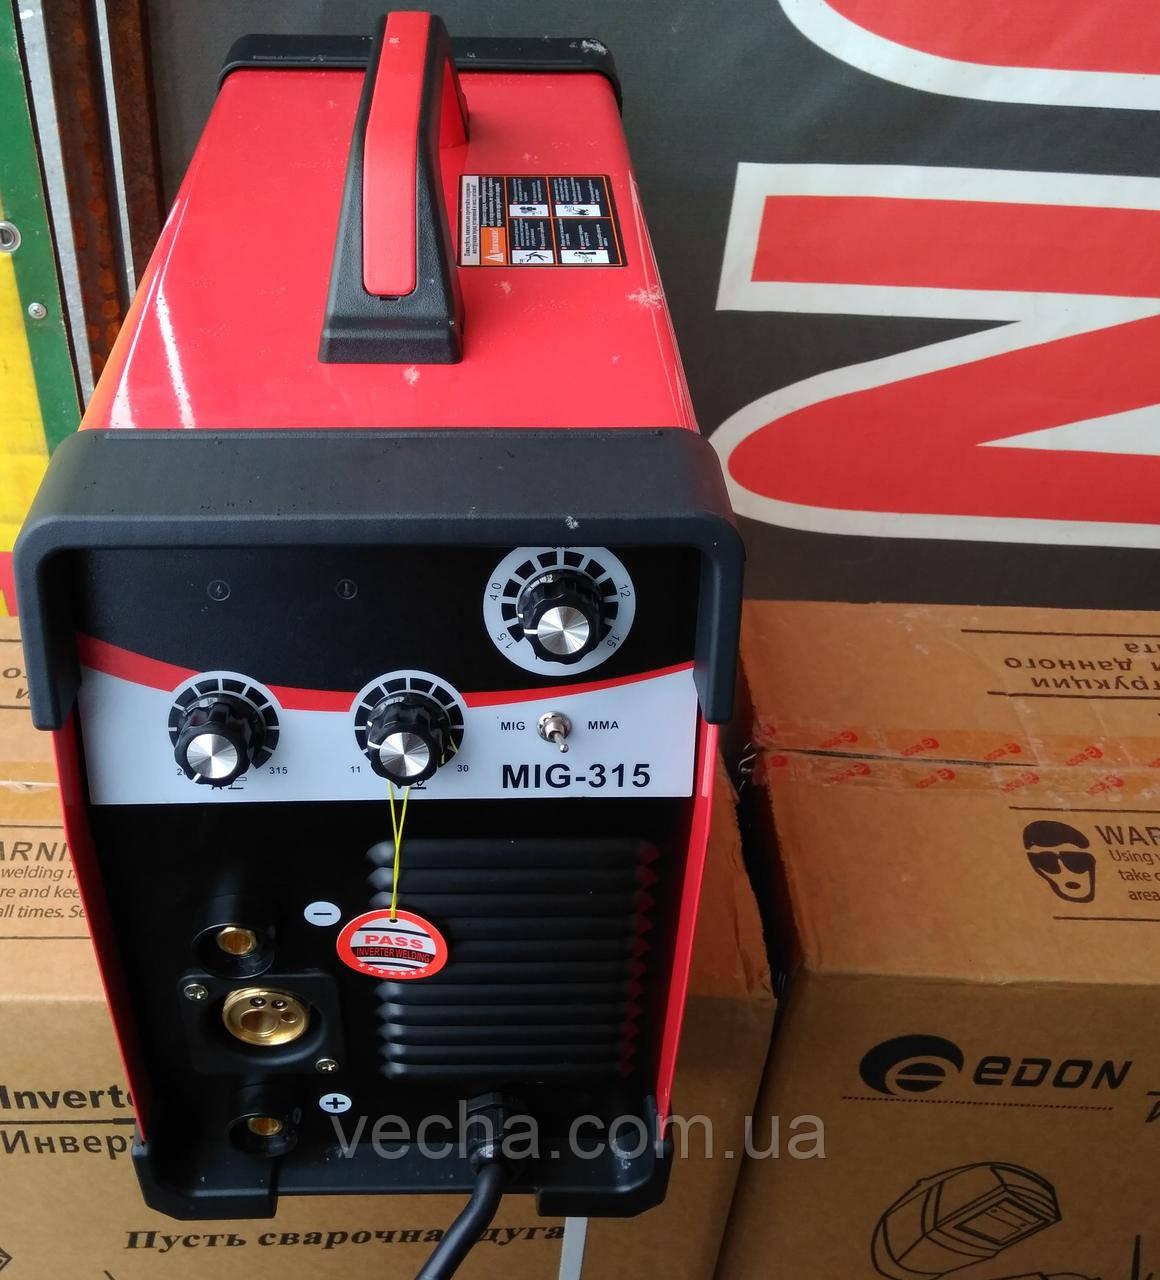 Сварочный полуавтомат Edon MIG 315 (7.2 кВт,IGBT транзисторы, 2 вентиляторы)